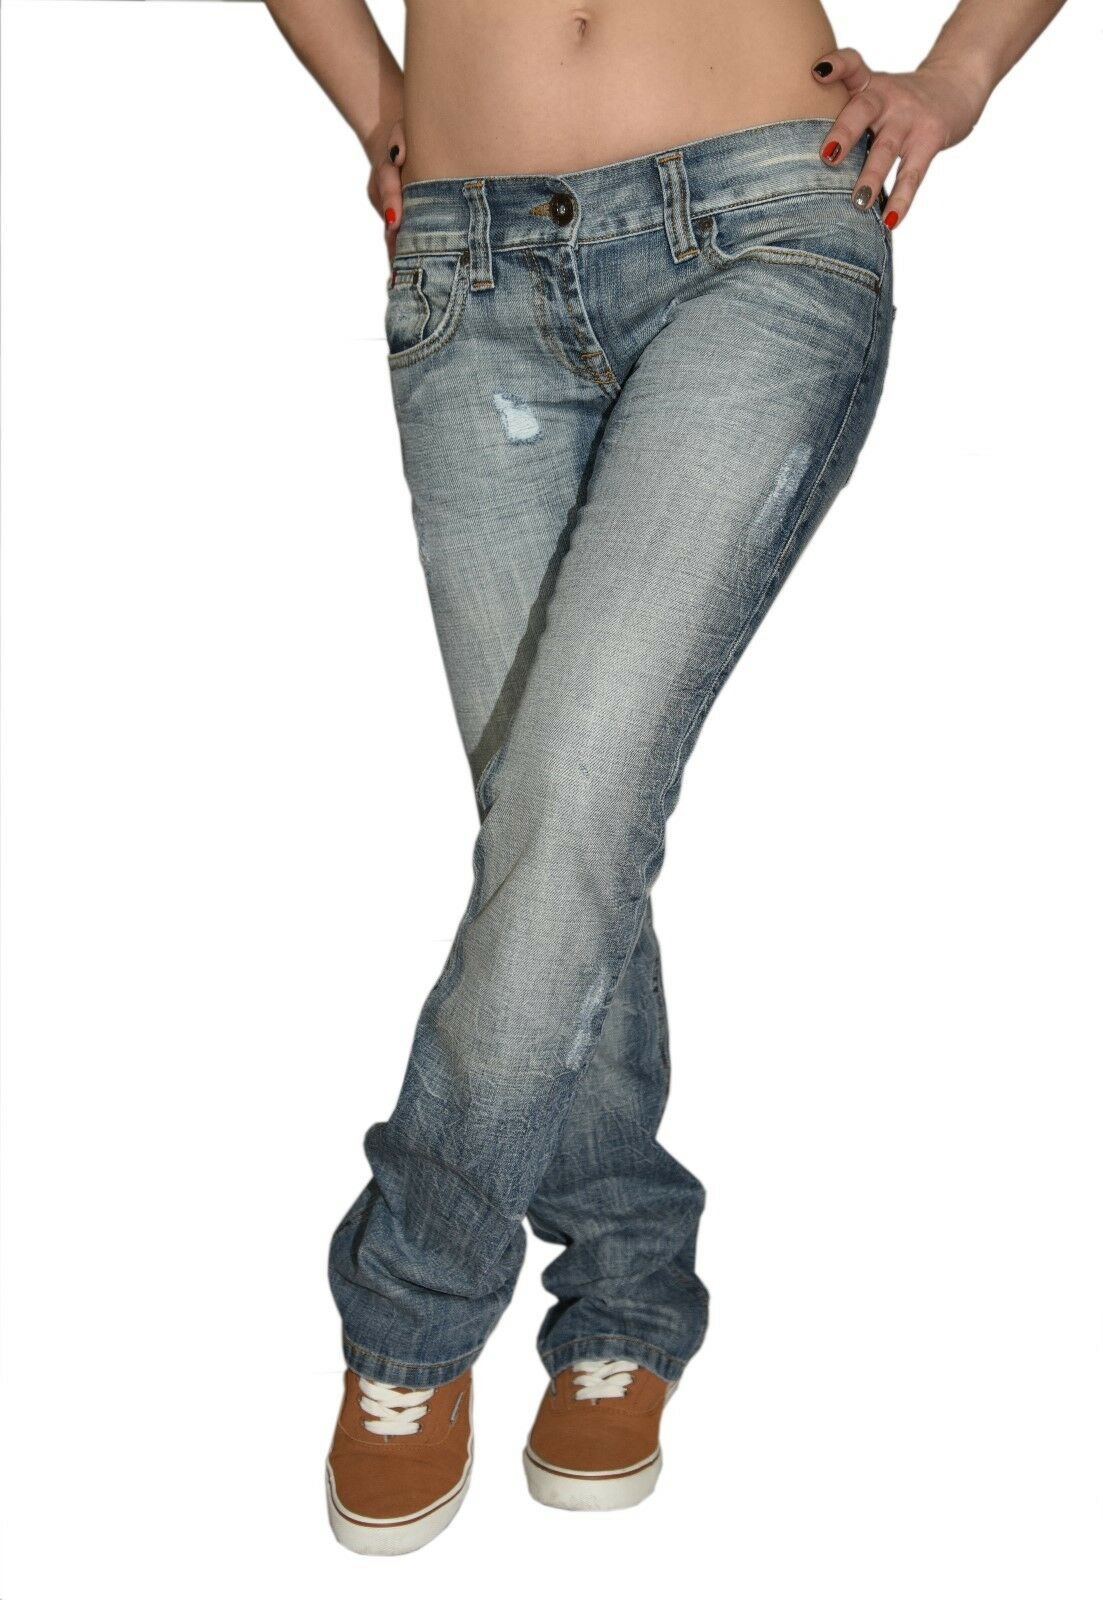 Damen Jeans Hüfthose Bootcut Hellblau Gr. 27- 32 XS-L Baumwolle Decon-7787-